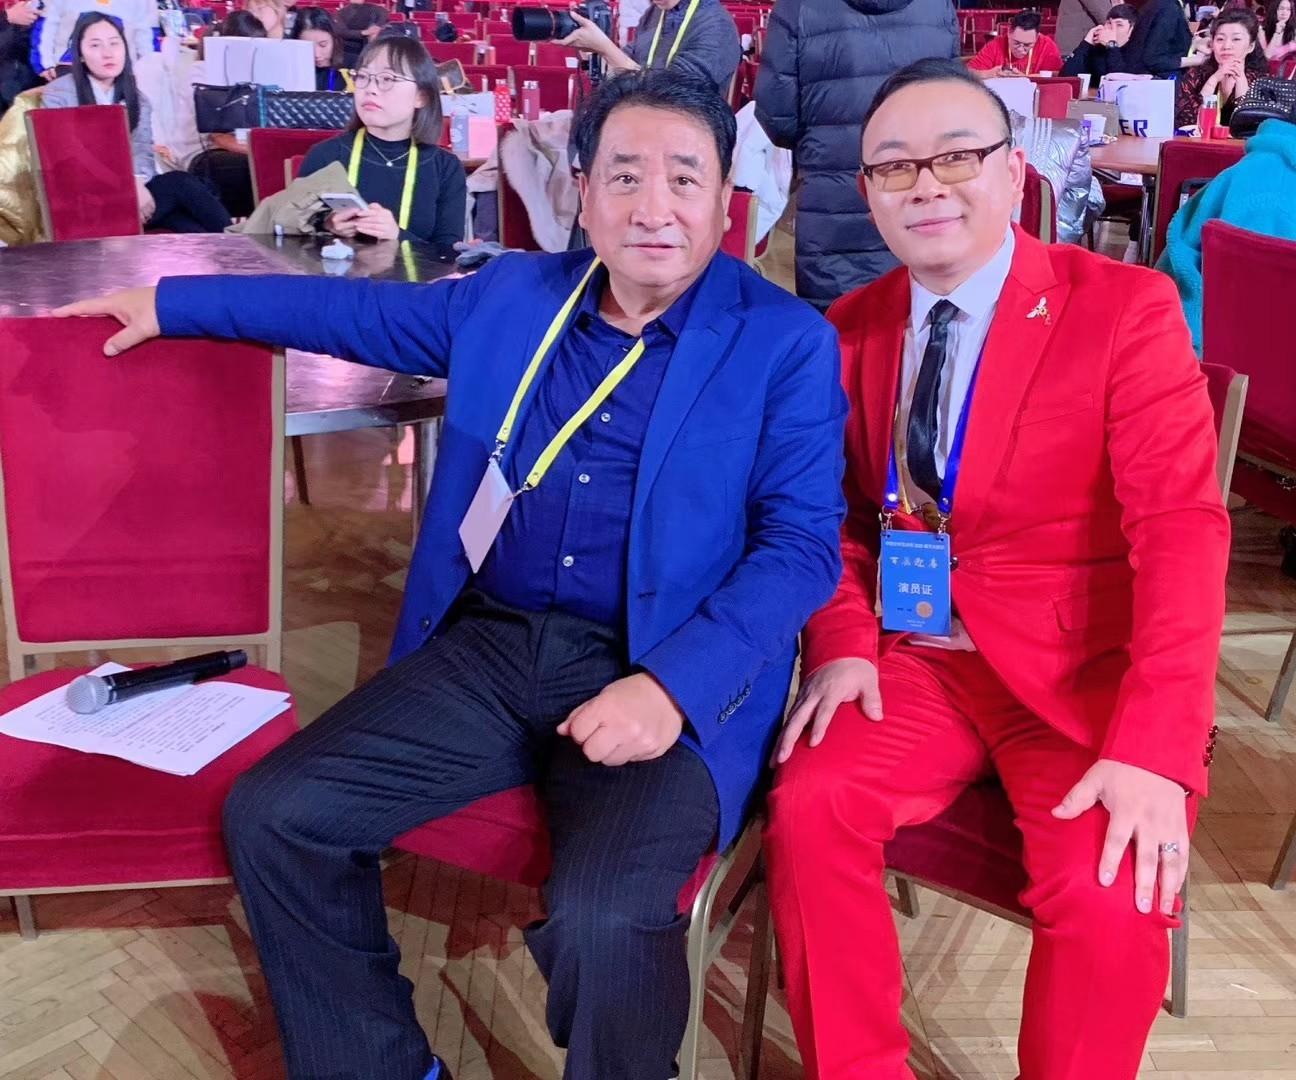 百花迎春2020春节大联欢在京举行 胡启圣演唱《到人民中去》